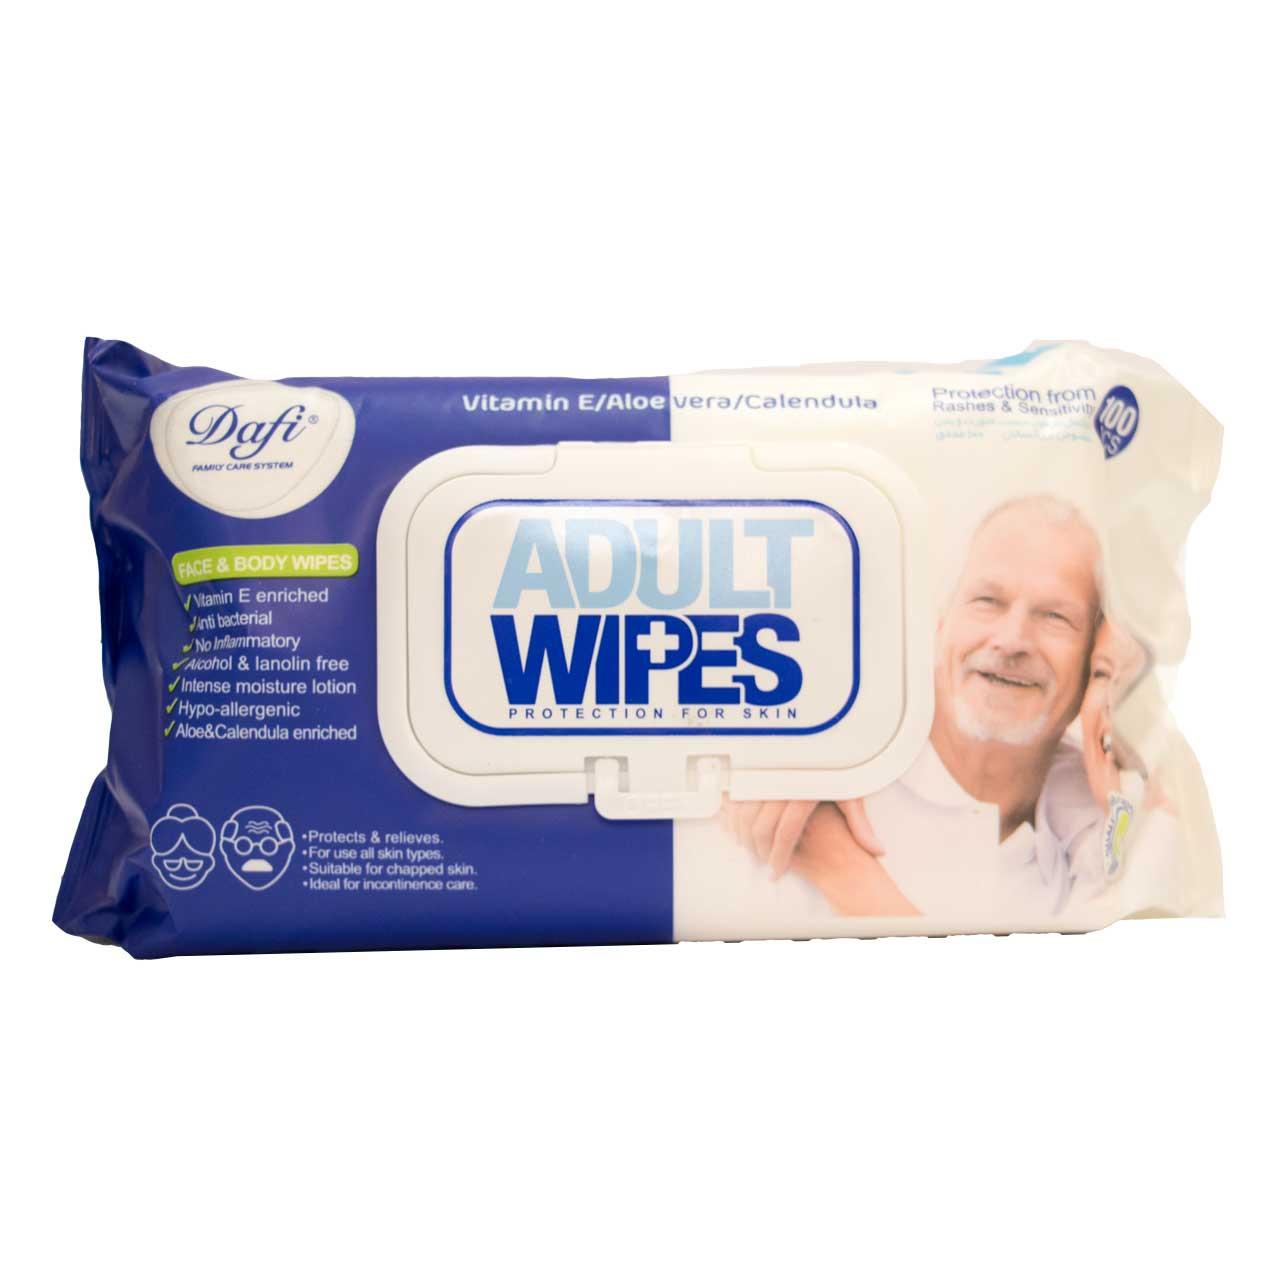 قیمت دستمال مرطوب دافی مدل Adult Wipes بسته 100 عددی